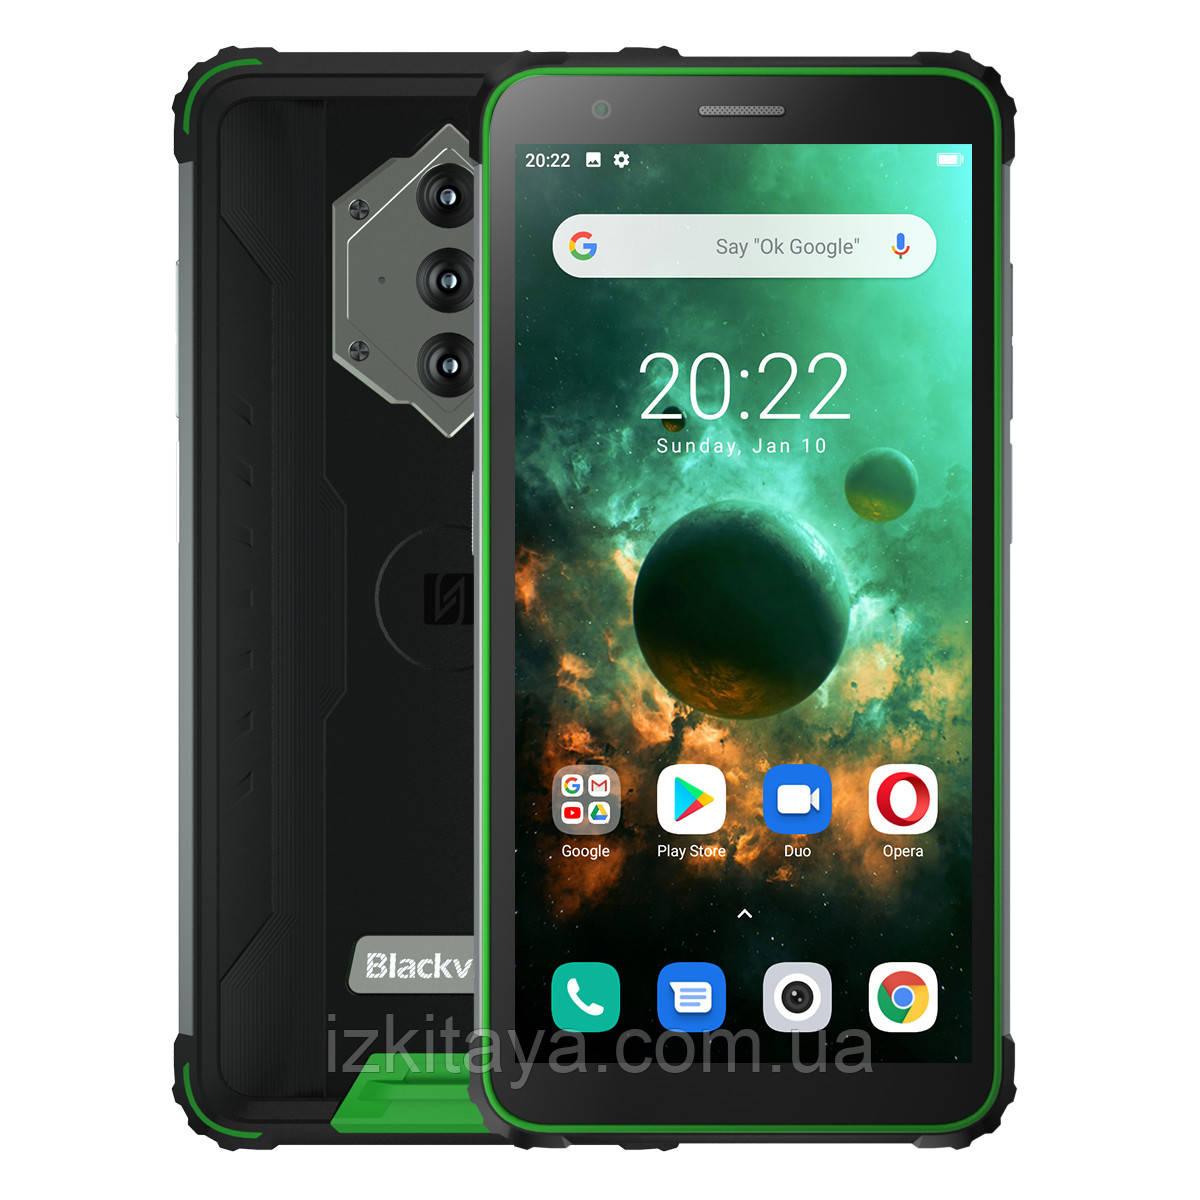 Смартфон Blackview BV6600 green мощный аккумулятор 8580 mAh + Свит ТВ 3 месяца бесплатно